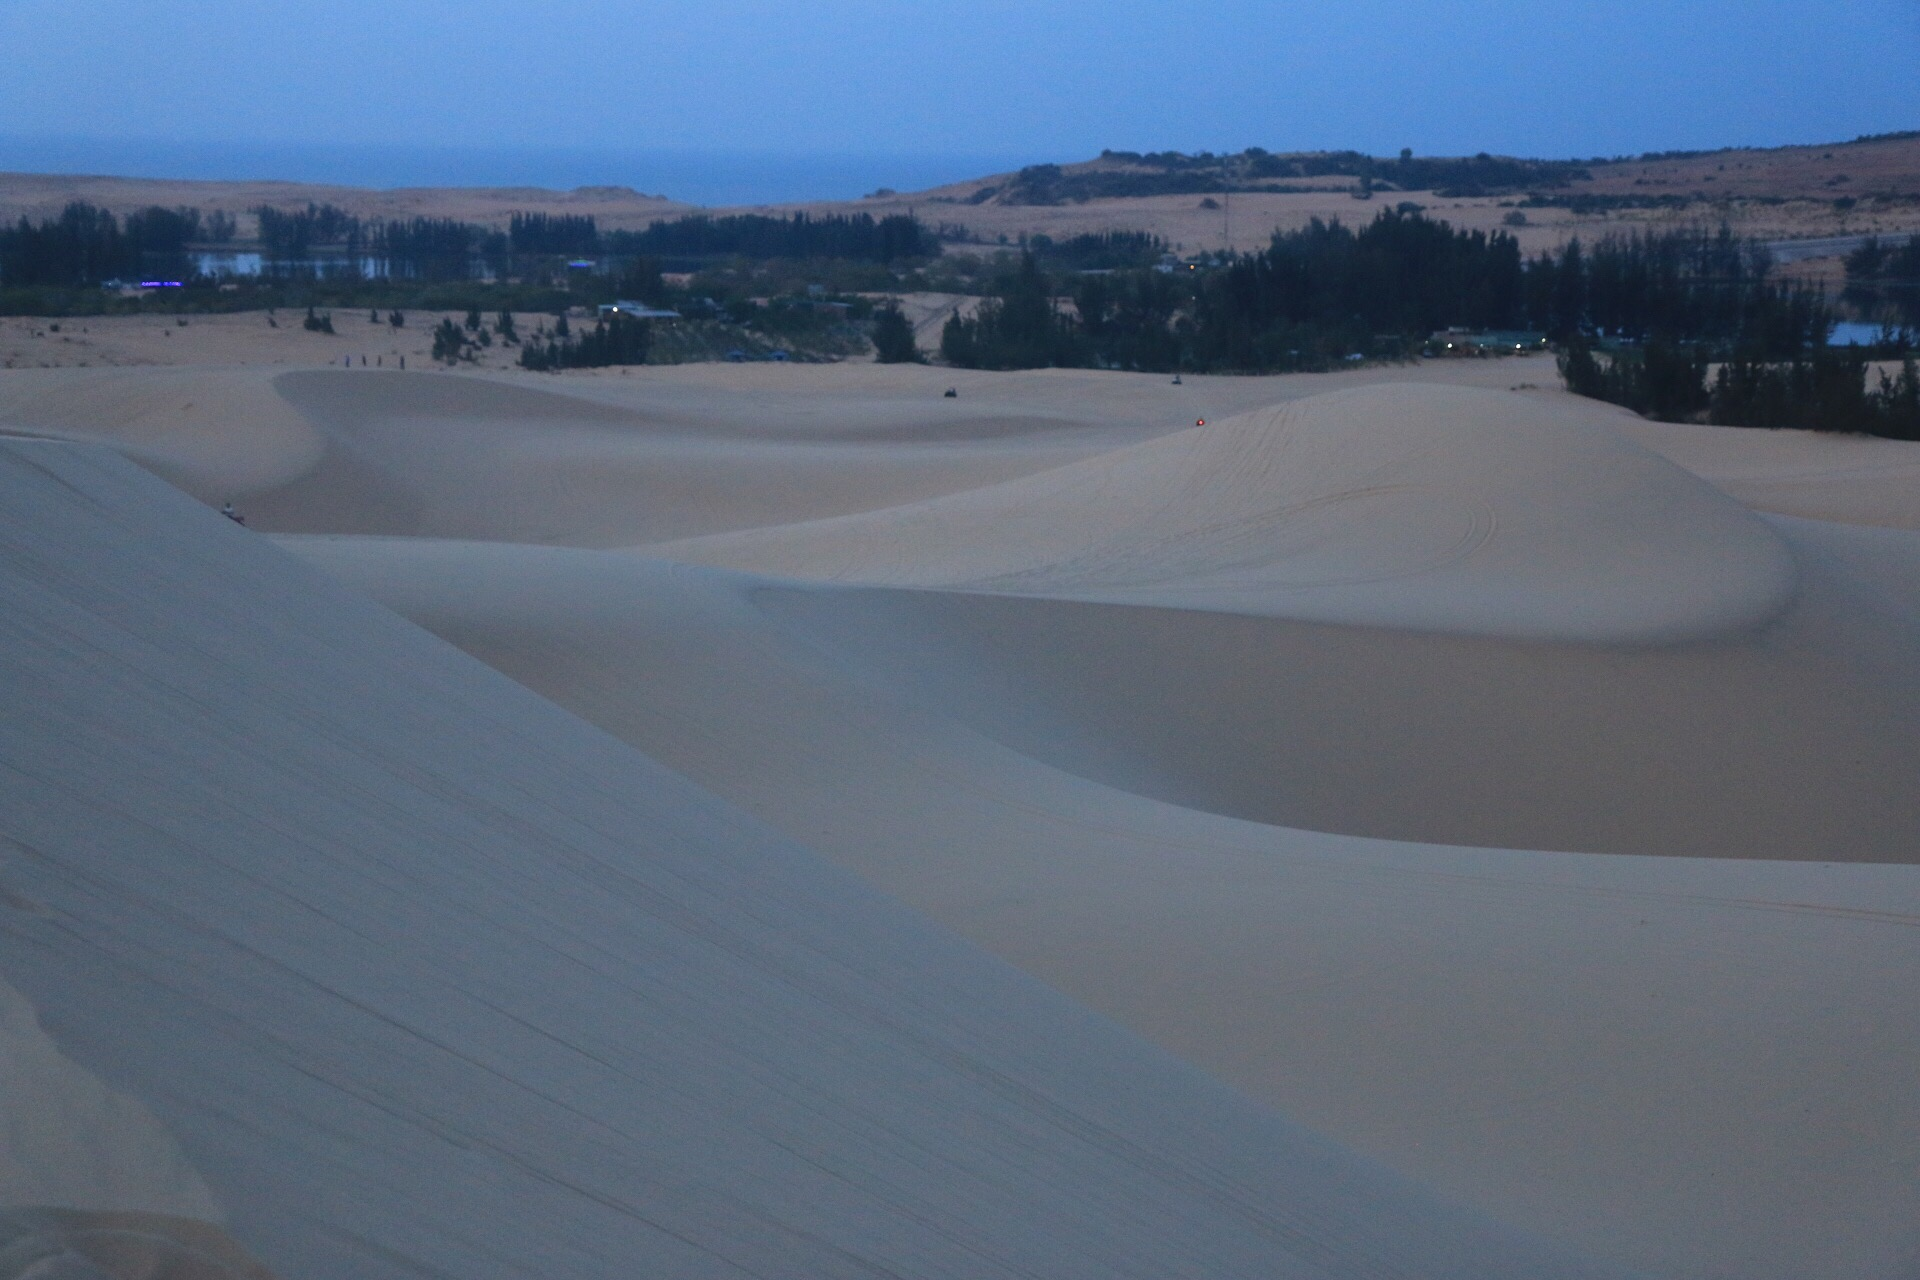 Weiße Dünen kurz vor dem Sonnenuntergang.